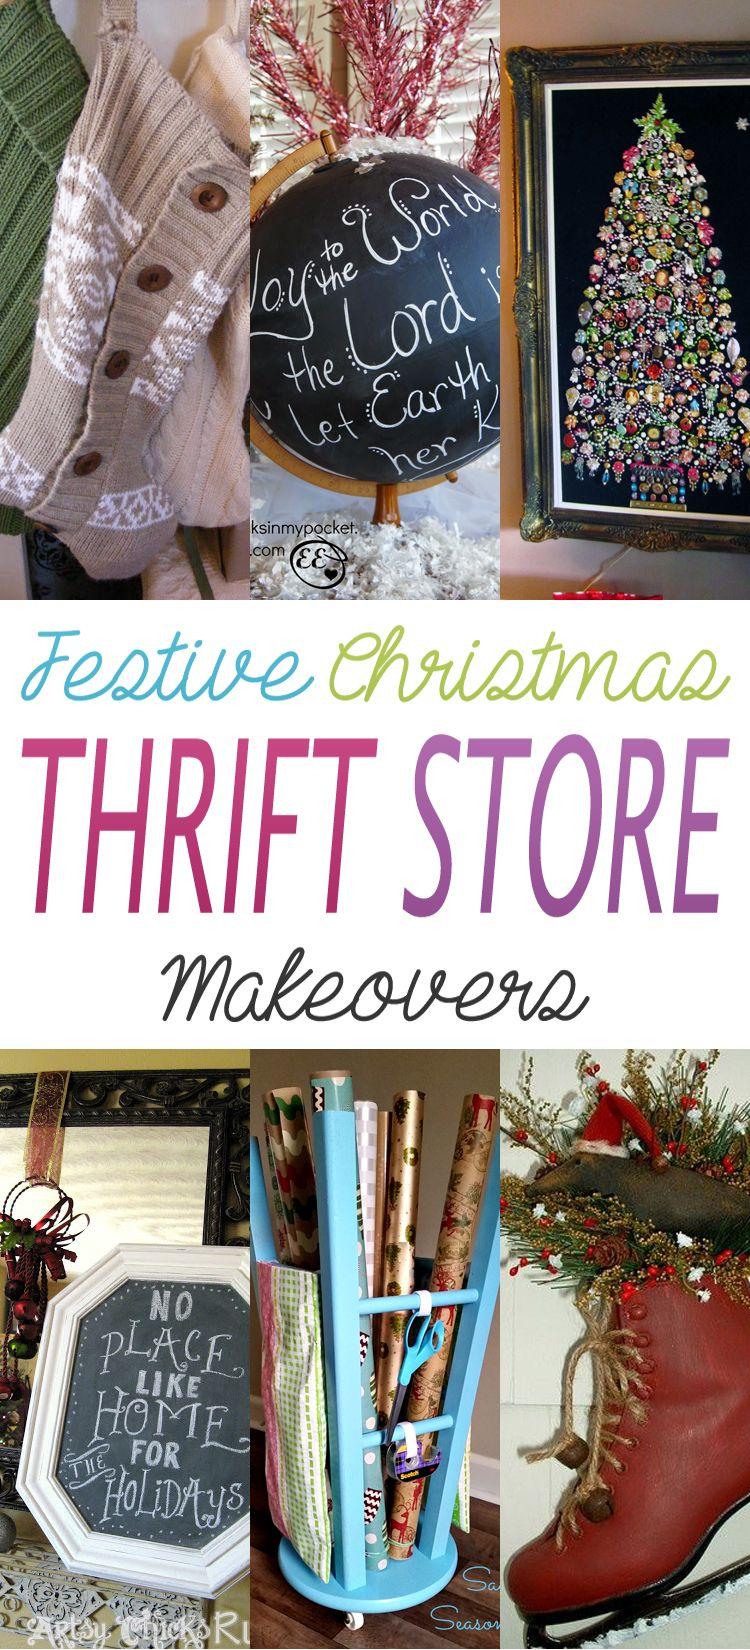 Festive Christmas Thrift Store Makeovers Thrift store